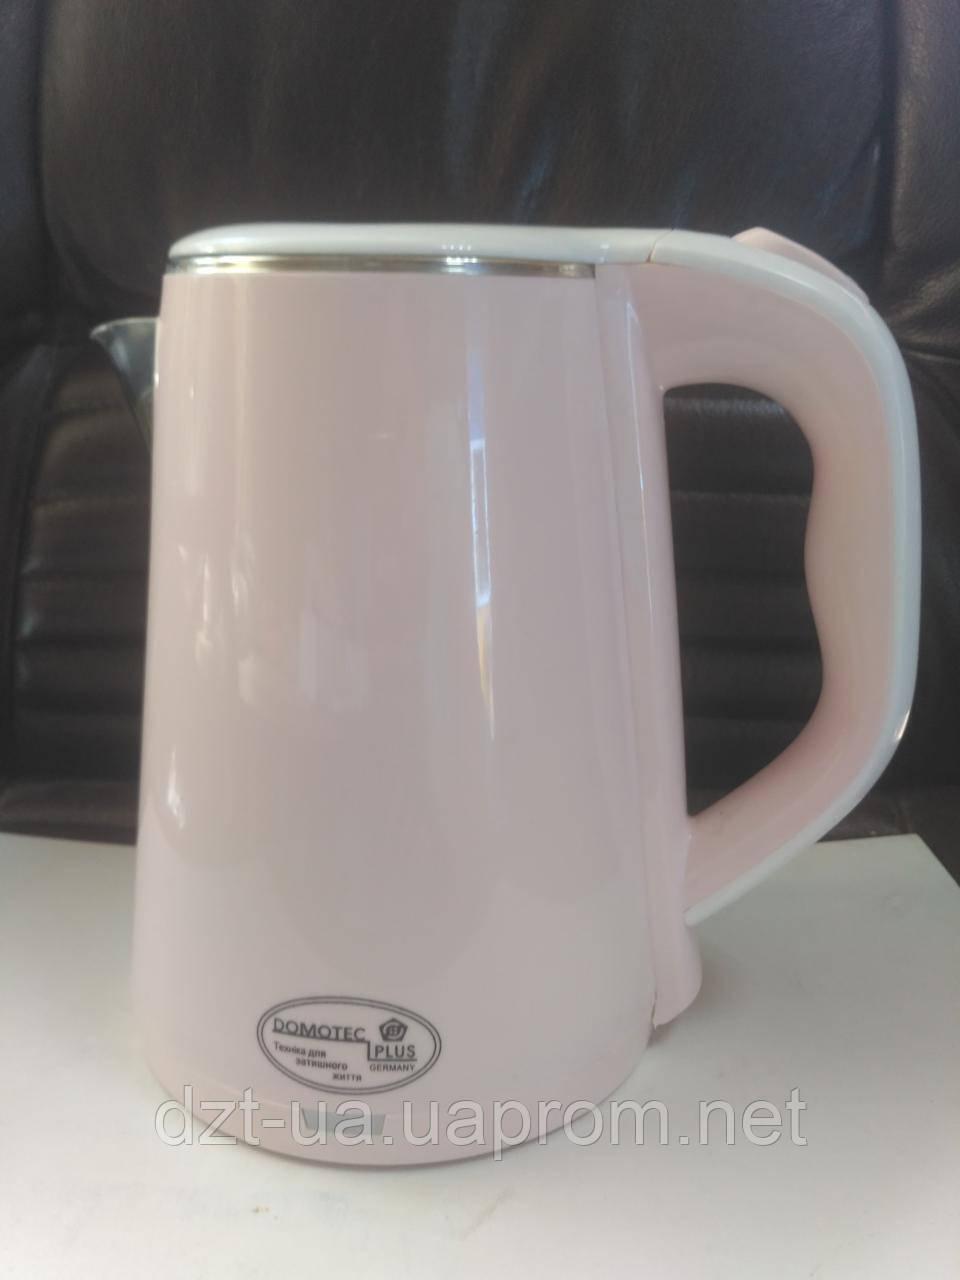 Электрический чайник Domotec